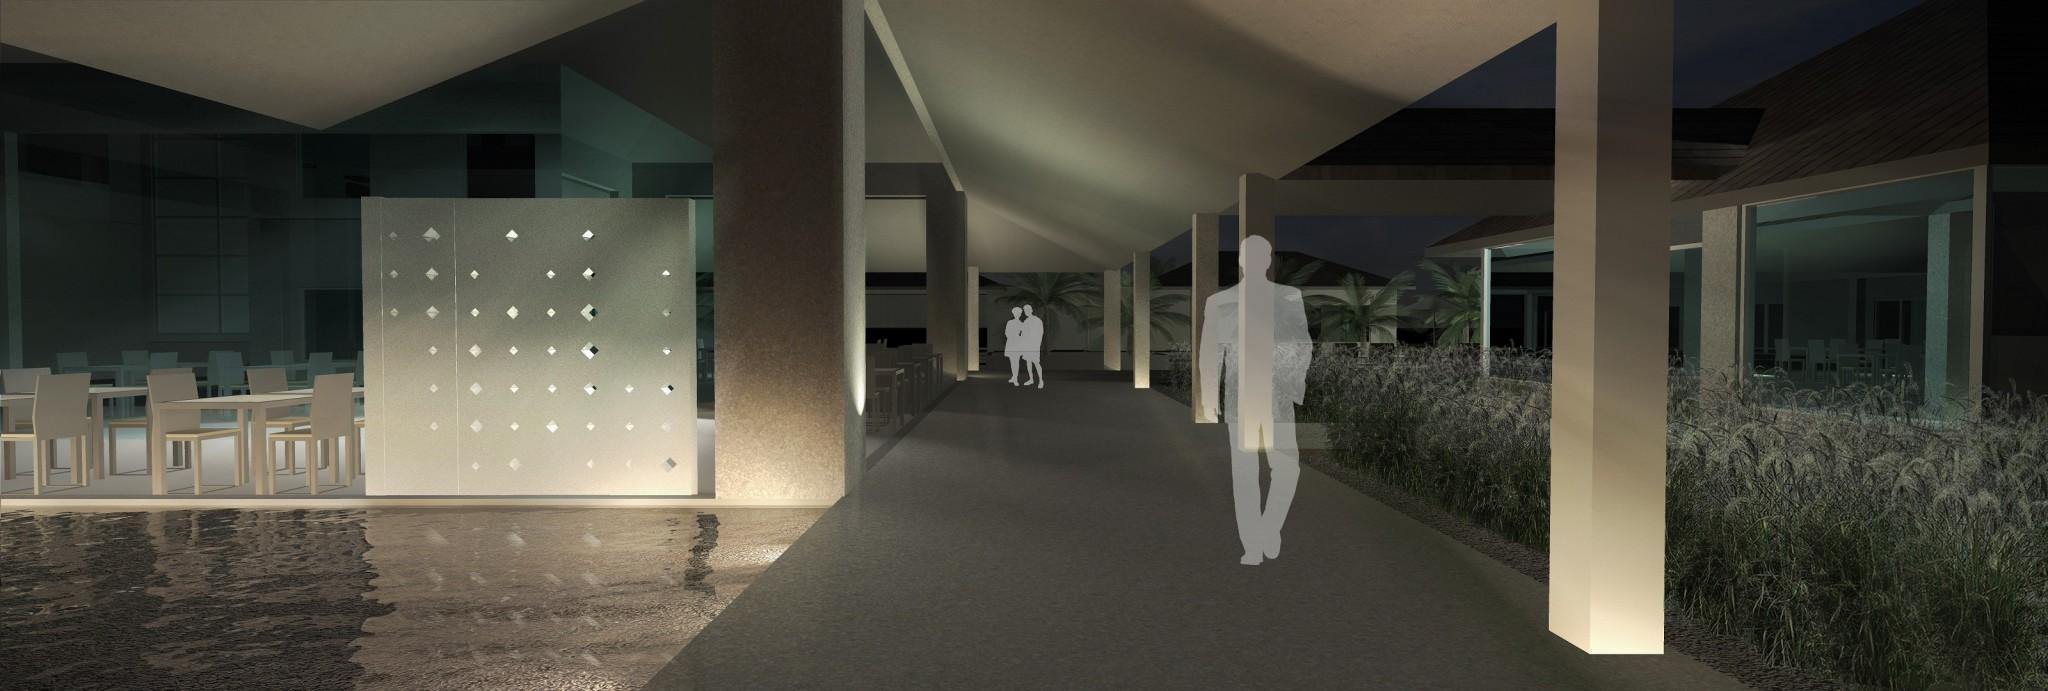 20121015_Corridor_Nightwater